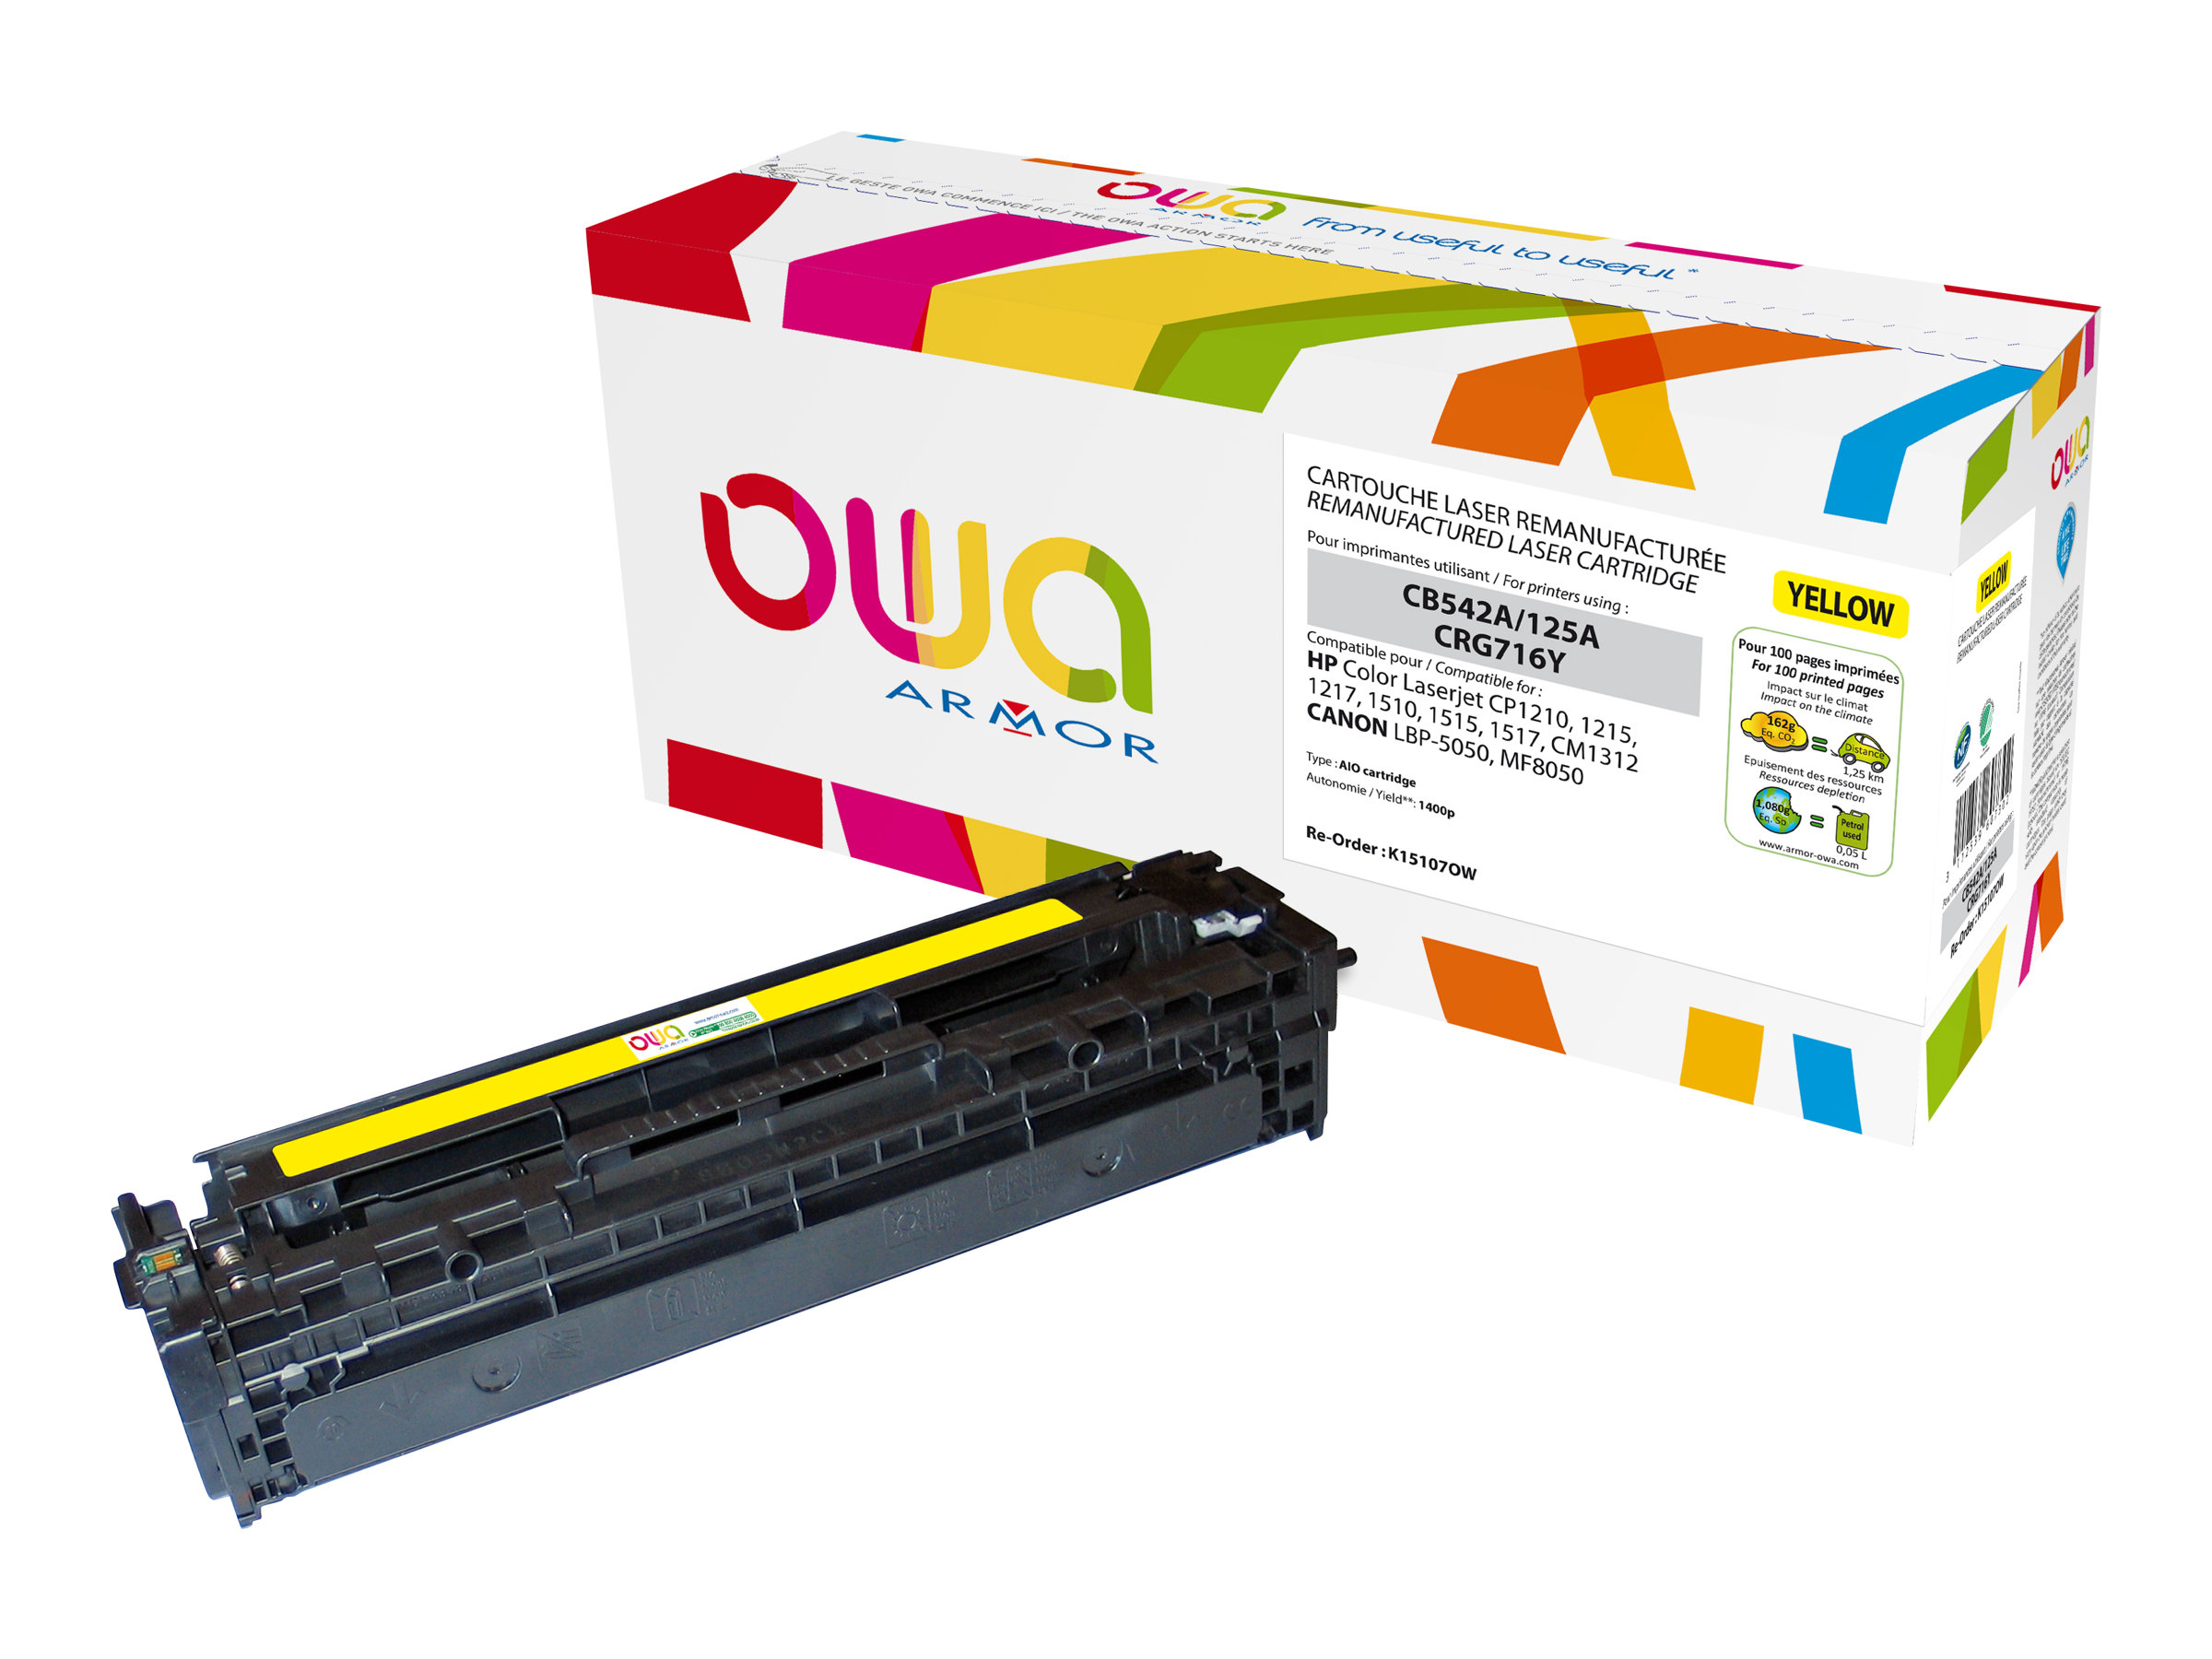 HP 125A - remanufacturé Owa K15107OW - jaune - cartouche laser